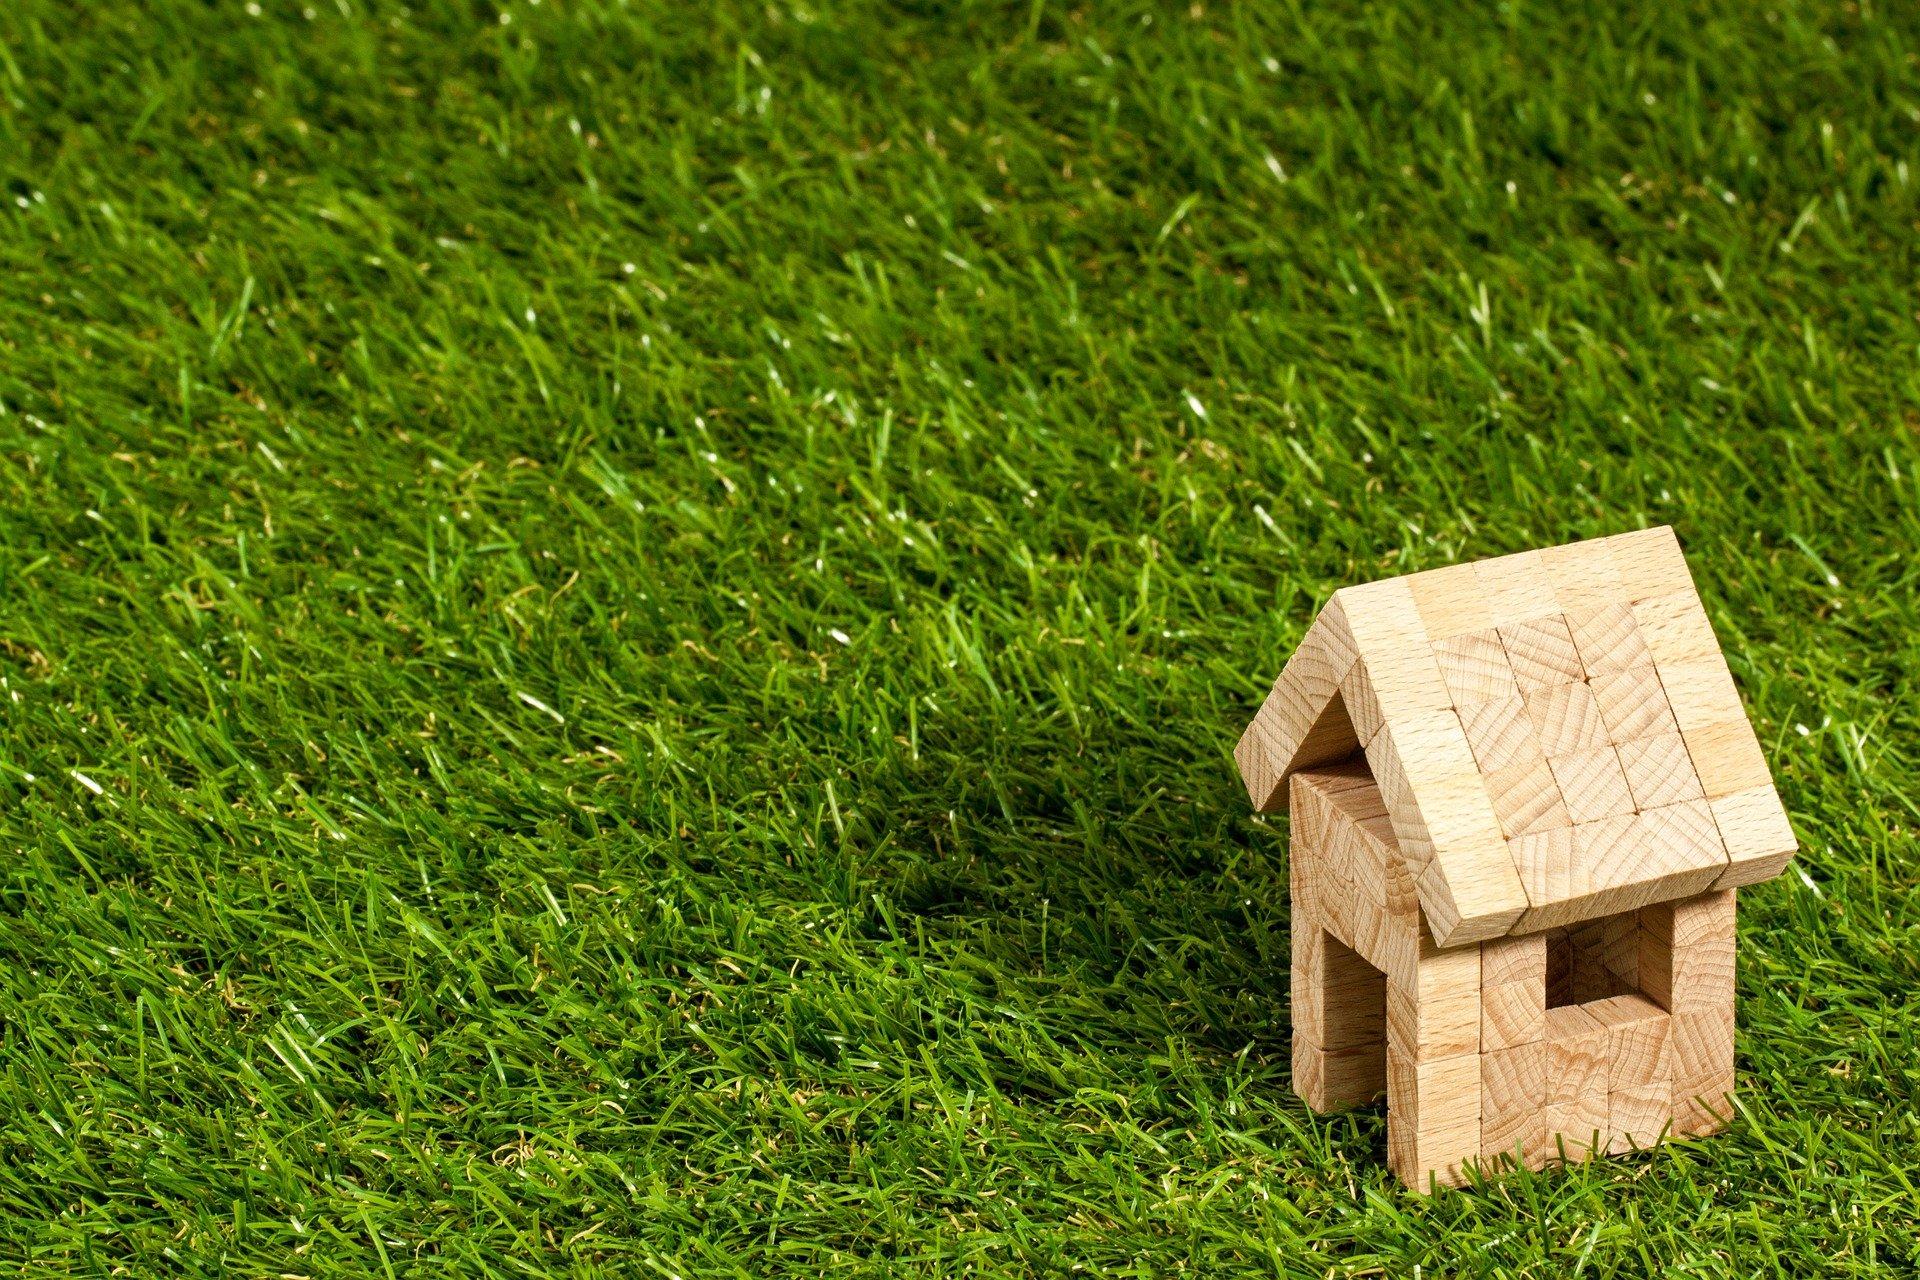 domek na trawie